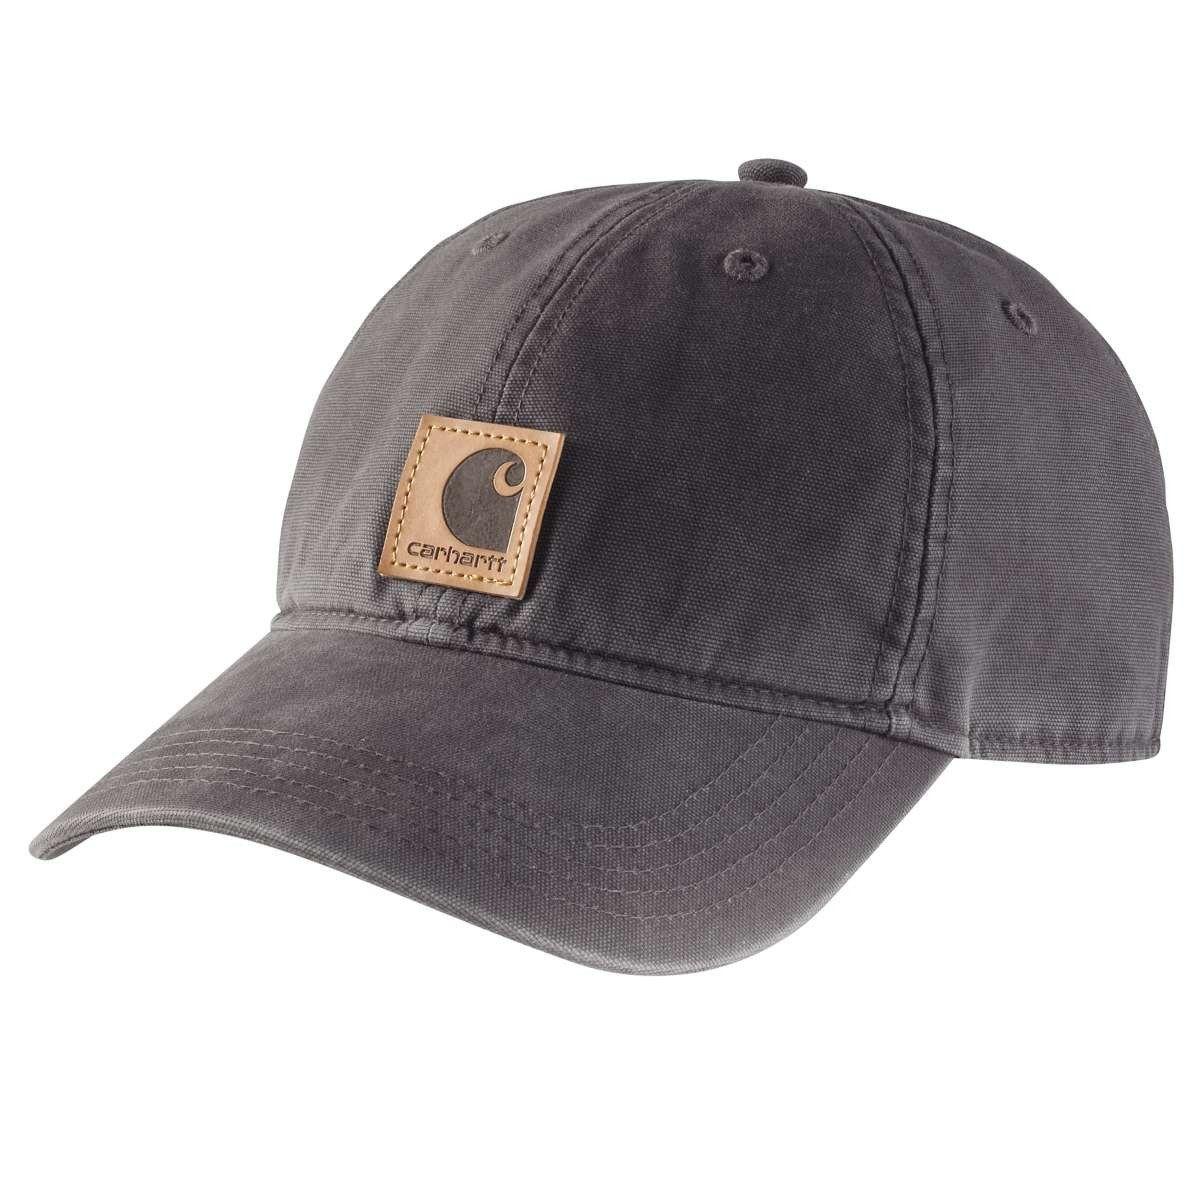 97f325c63 Carhartt Men's Black Odessa Cap | Products | Hats, Mens caps, Canvas hat